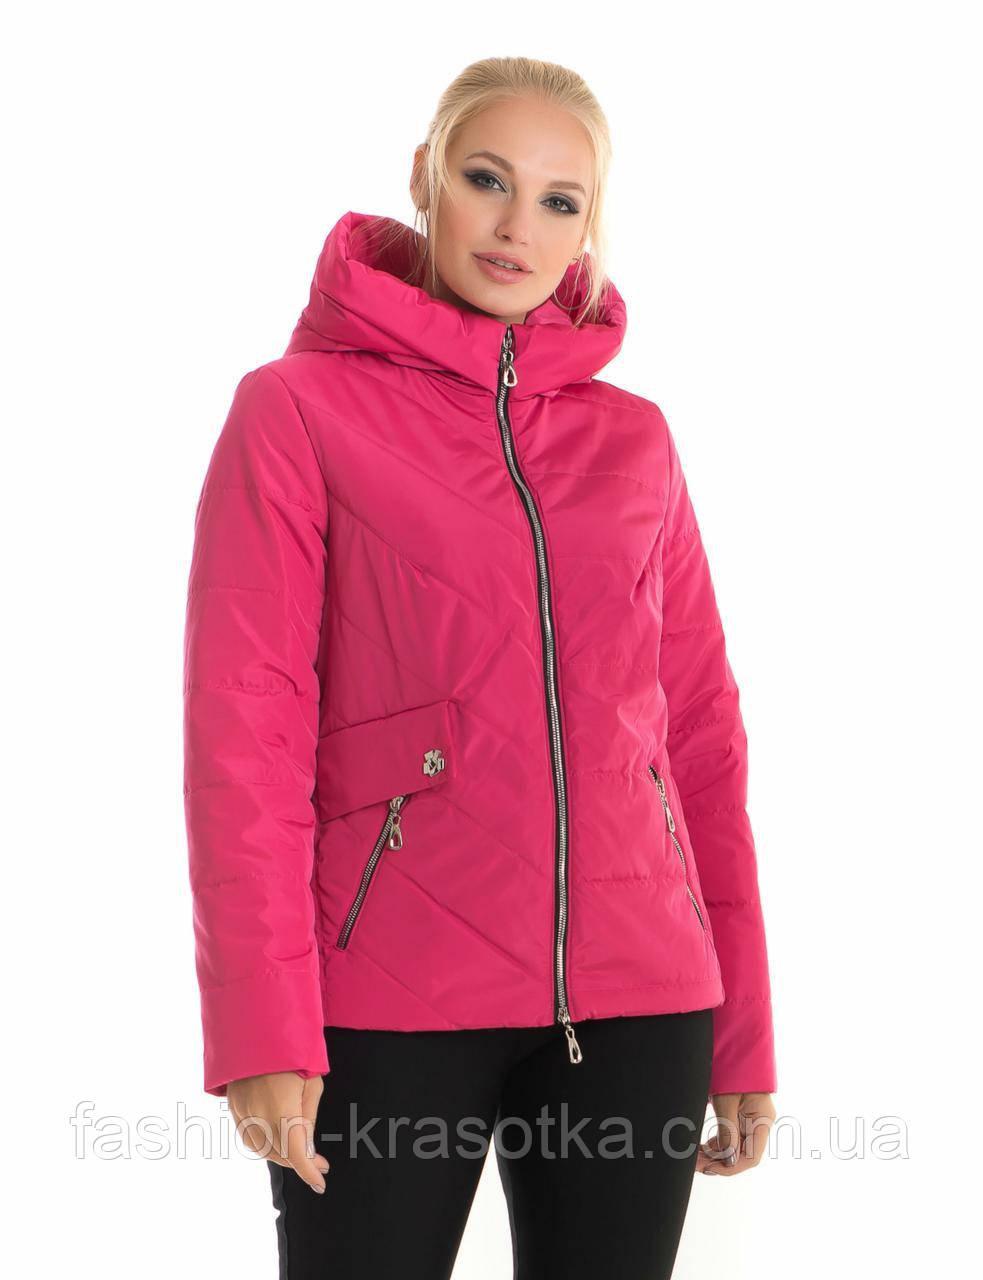 Яркая модная женская куртка в размерах 42-56